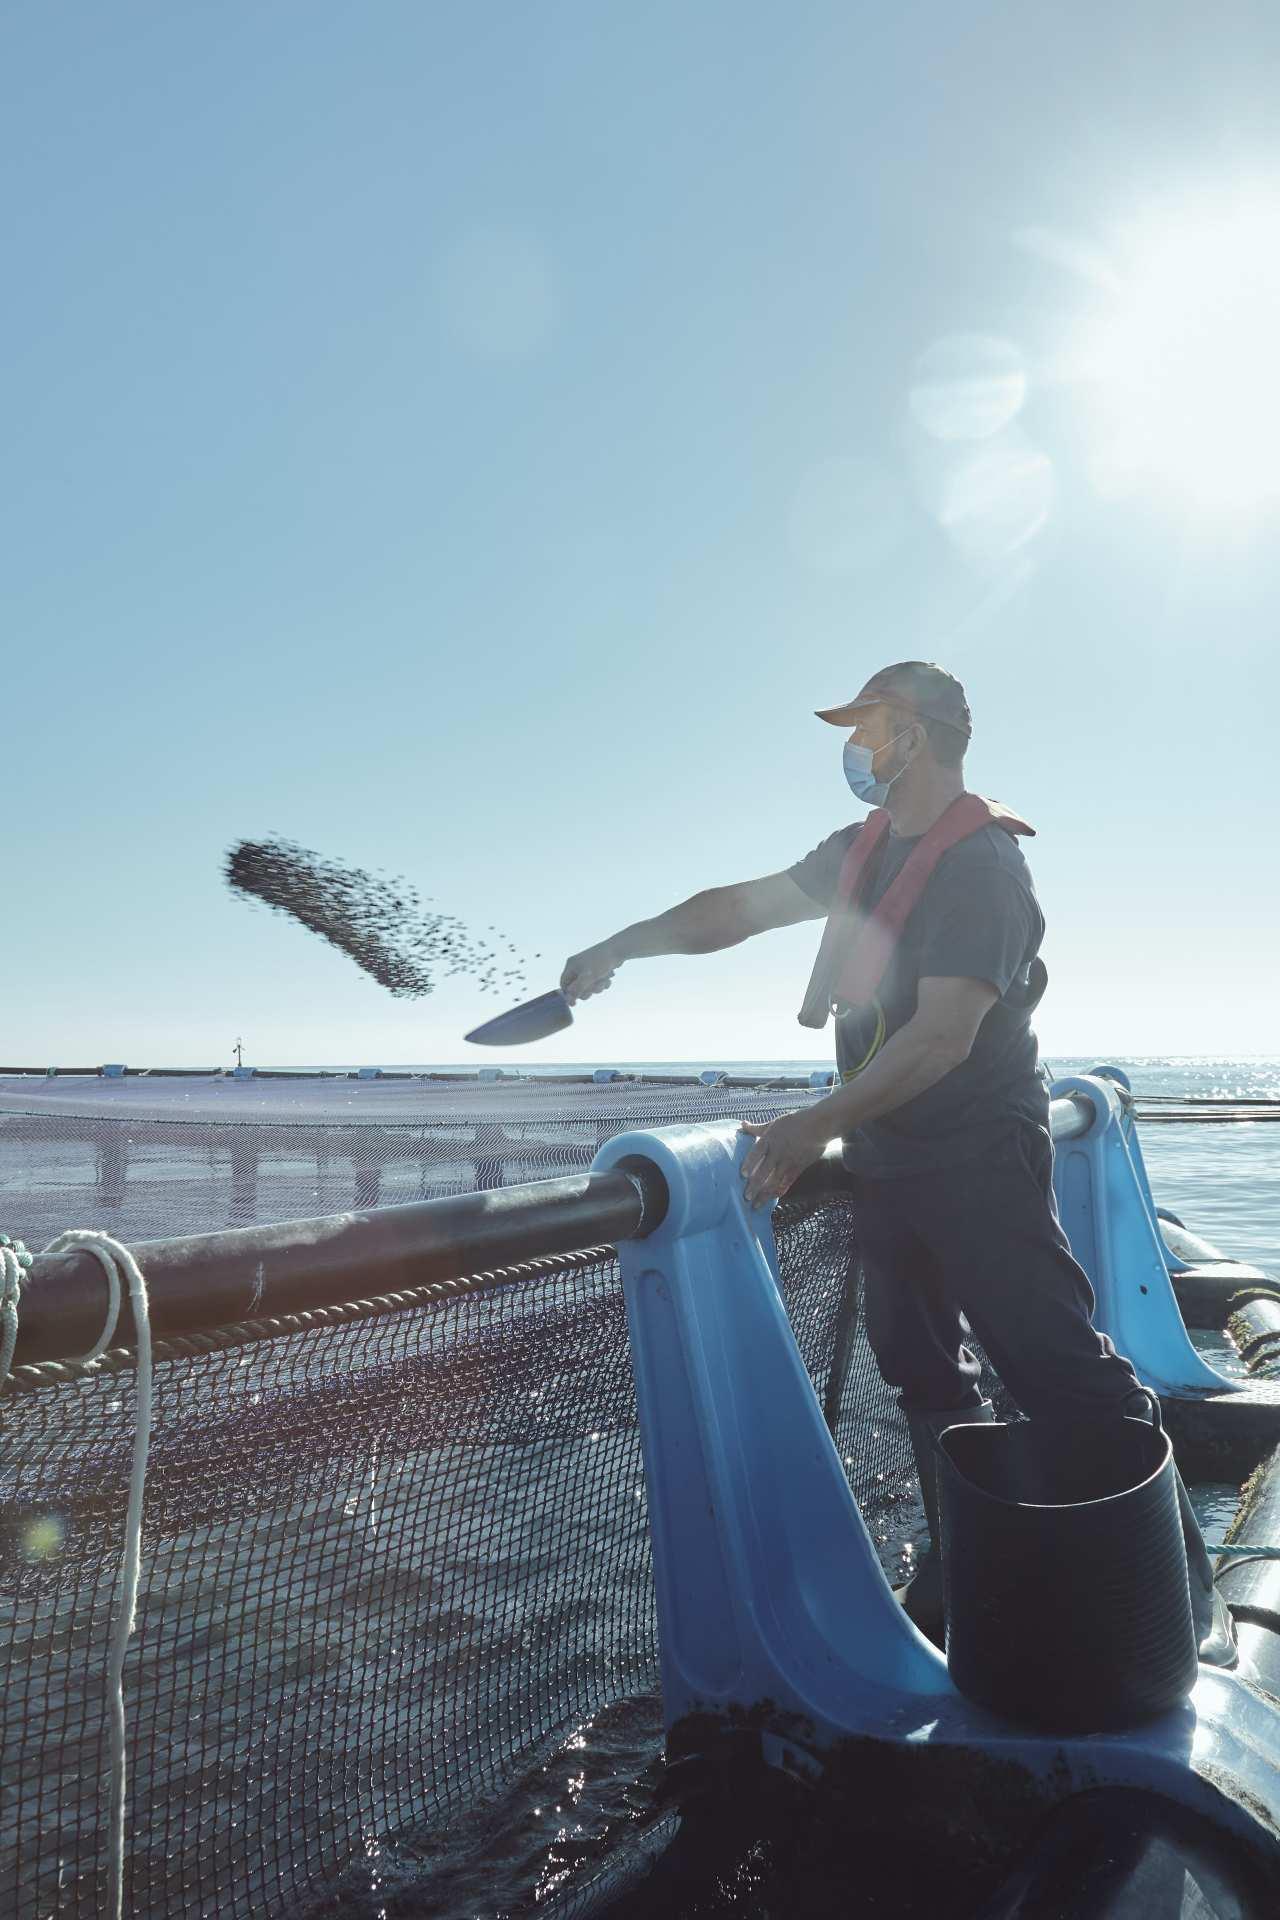 acuicultor de acuicultura dando de comer a peces